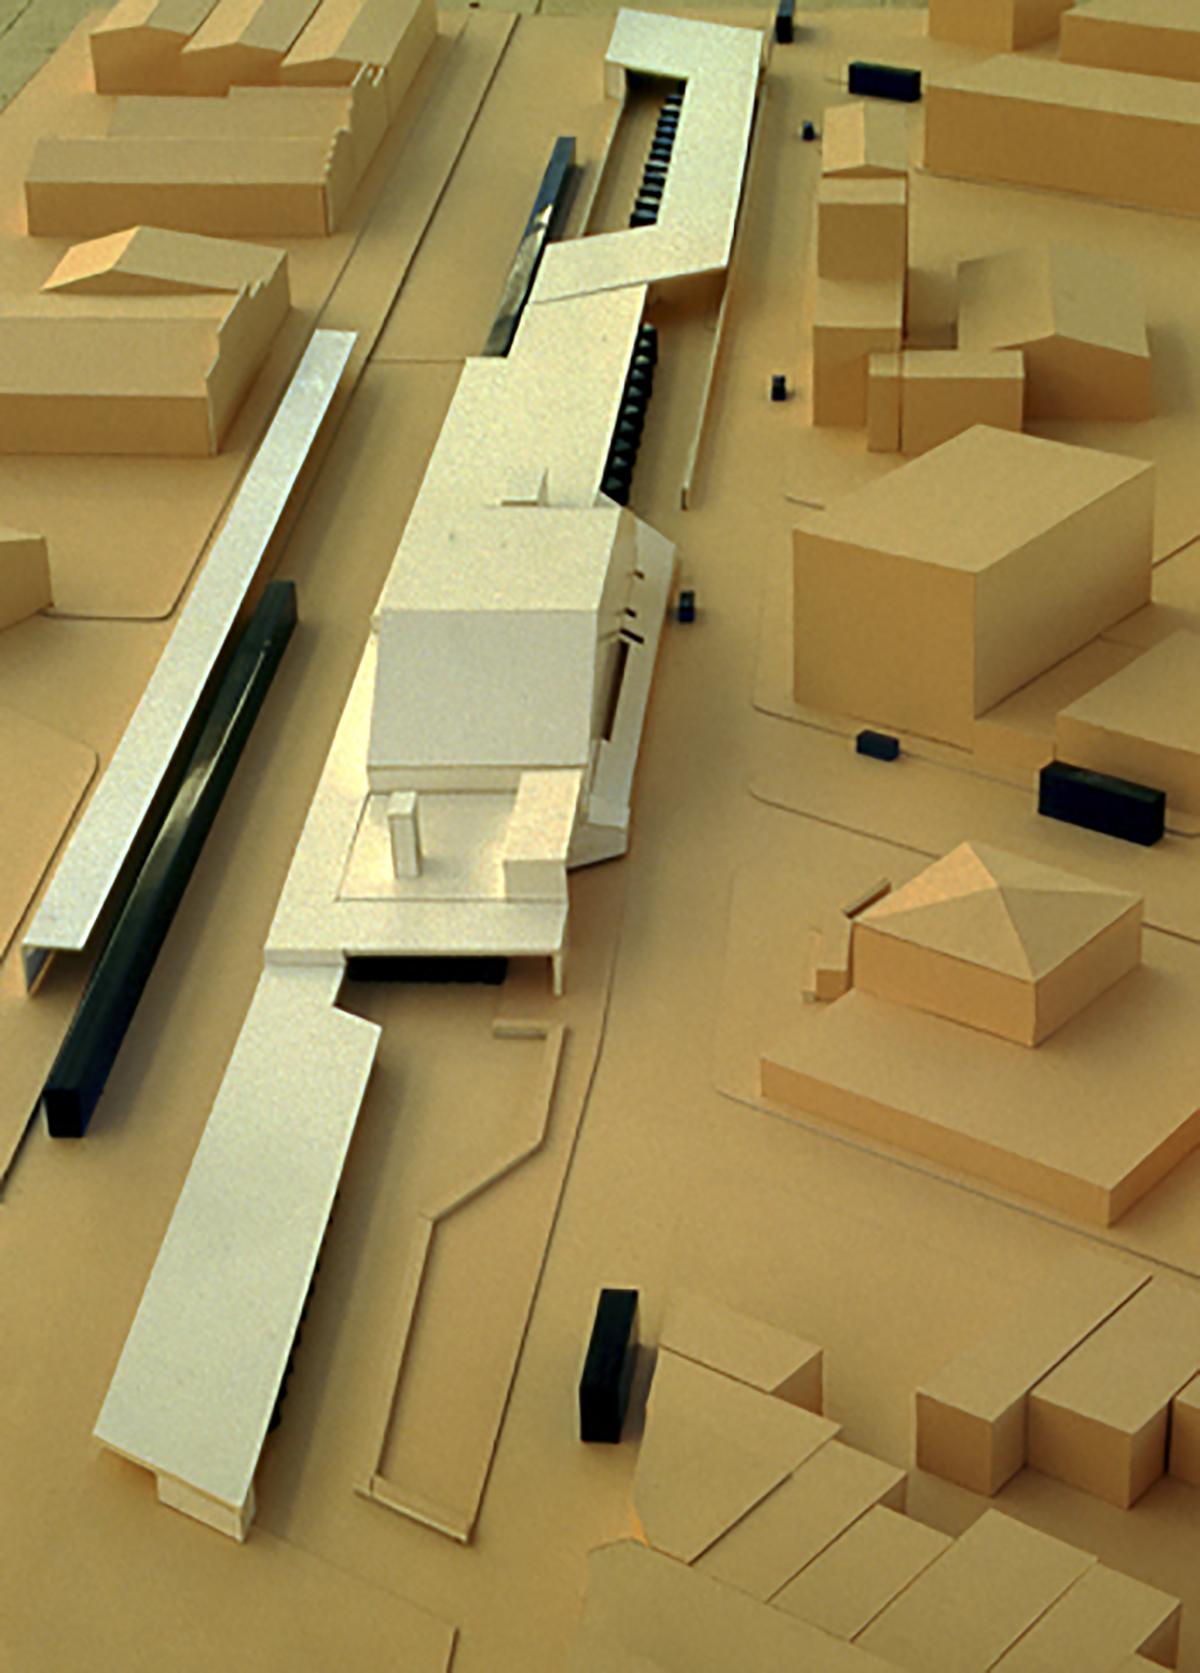 Concurso para un intercambiador de transportes   Imagen de proyecto1